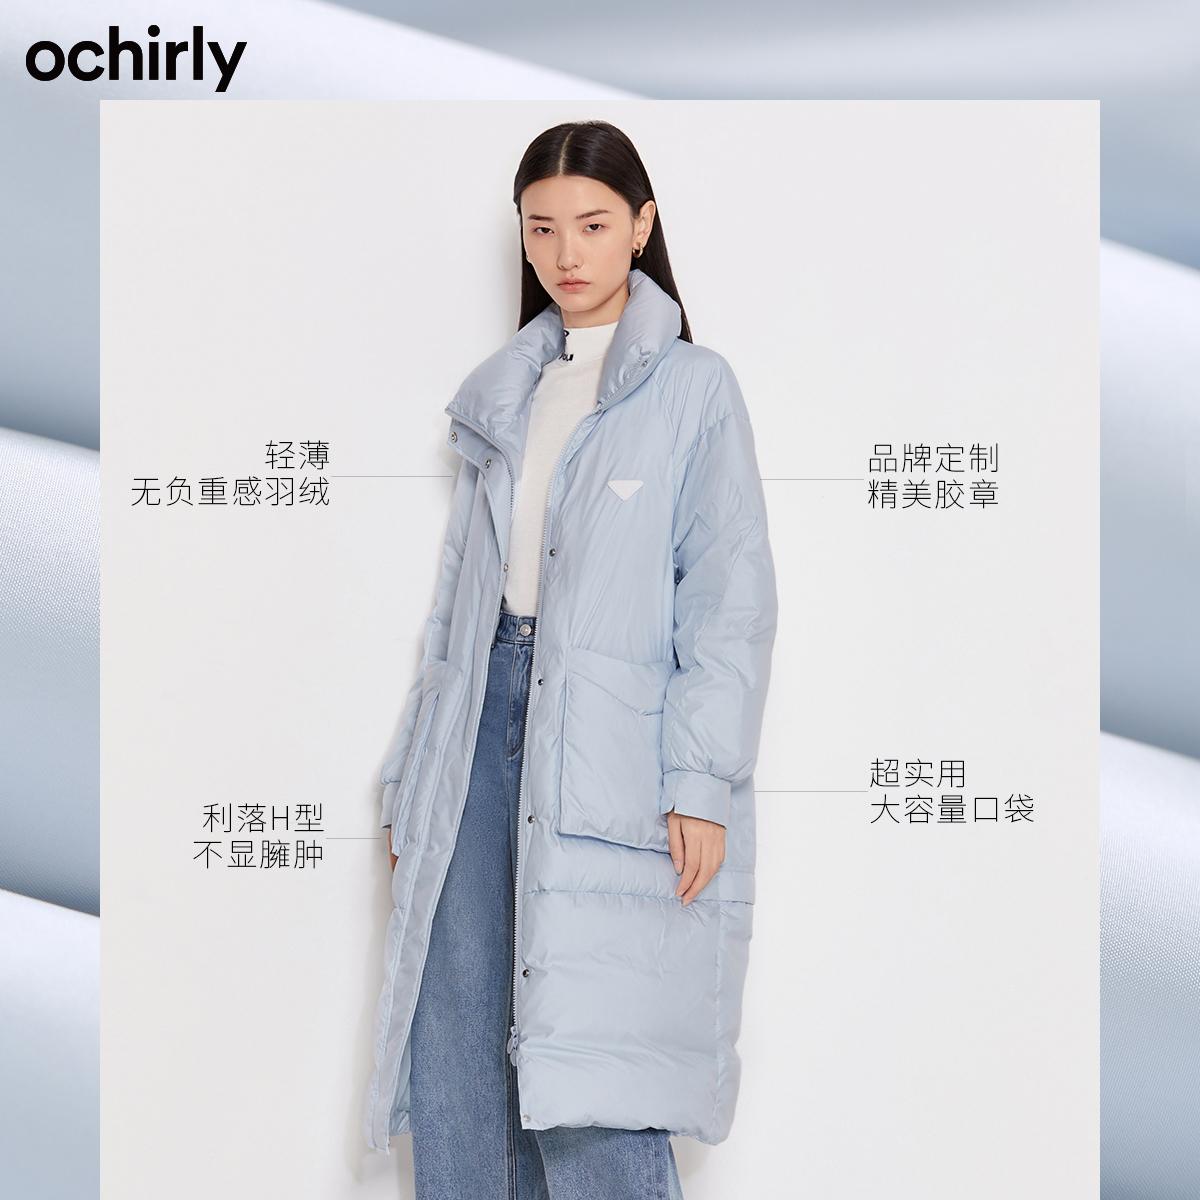 【免定金】欧时力2021新款冬装皮牌立领廓形宽松长款羽绒服外套女